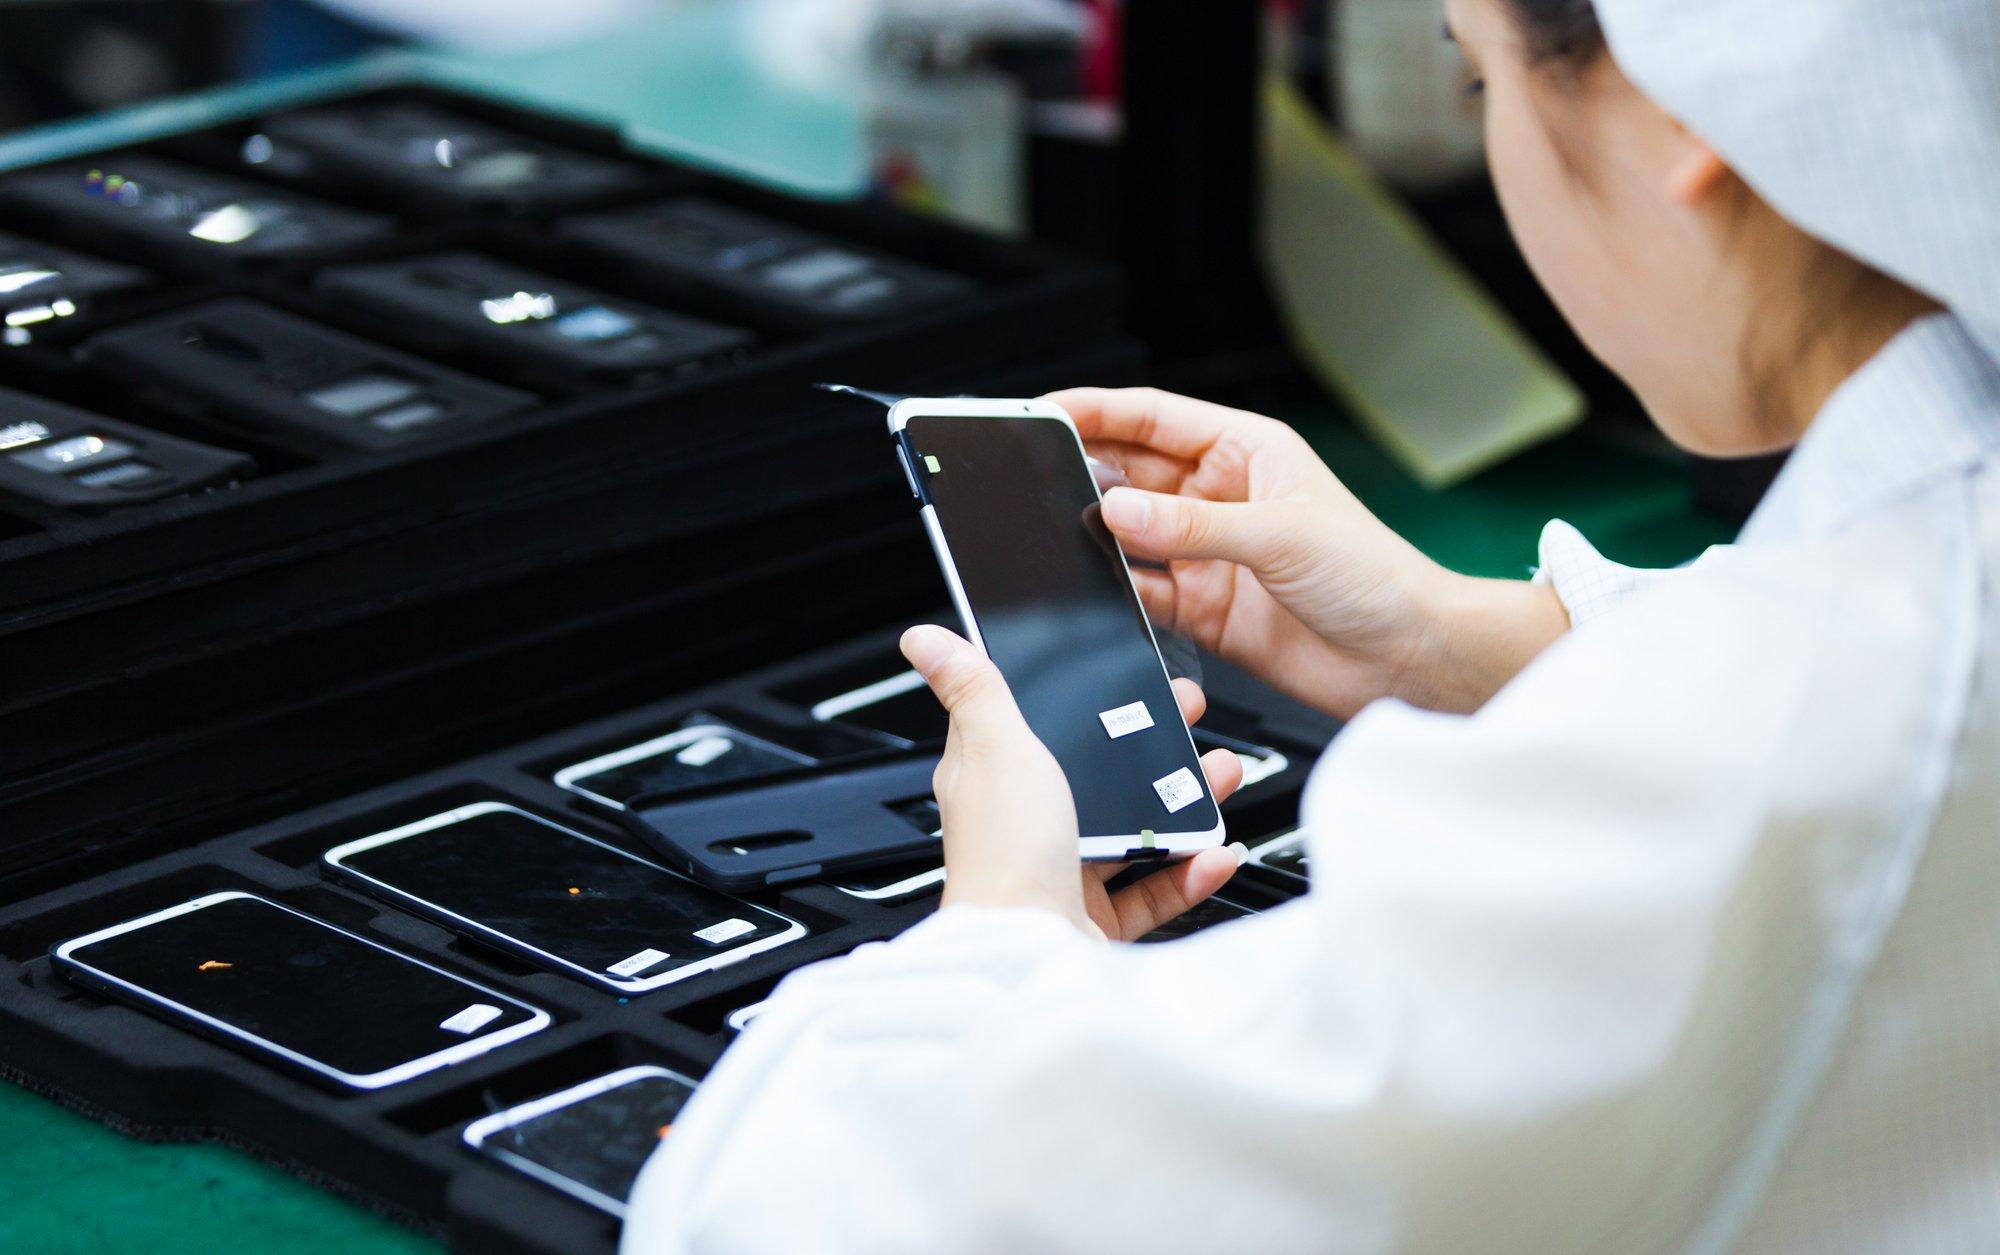 魅族16th预约破百万 工厂工人加班加点提升产能